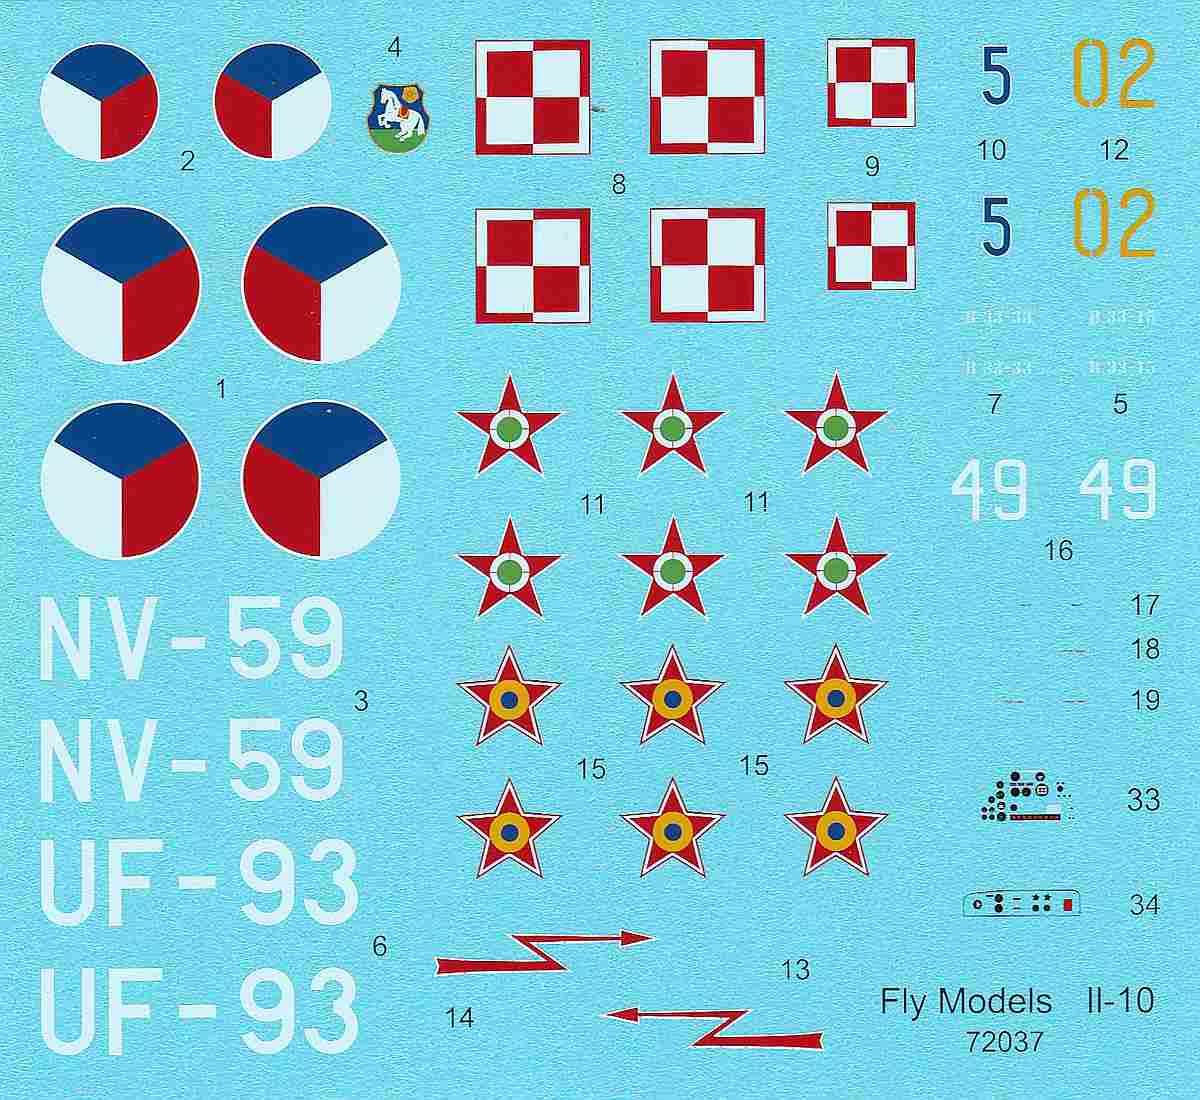 FLY-72037-Ilyushin-Il-10-Post-war-service-8 Ilyushin Il-10 im Maßstab 1:72 von FLY (72037 und 72038)